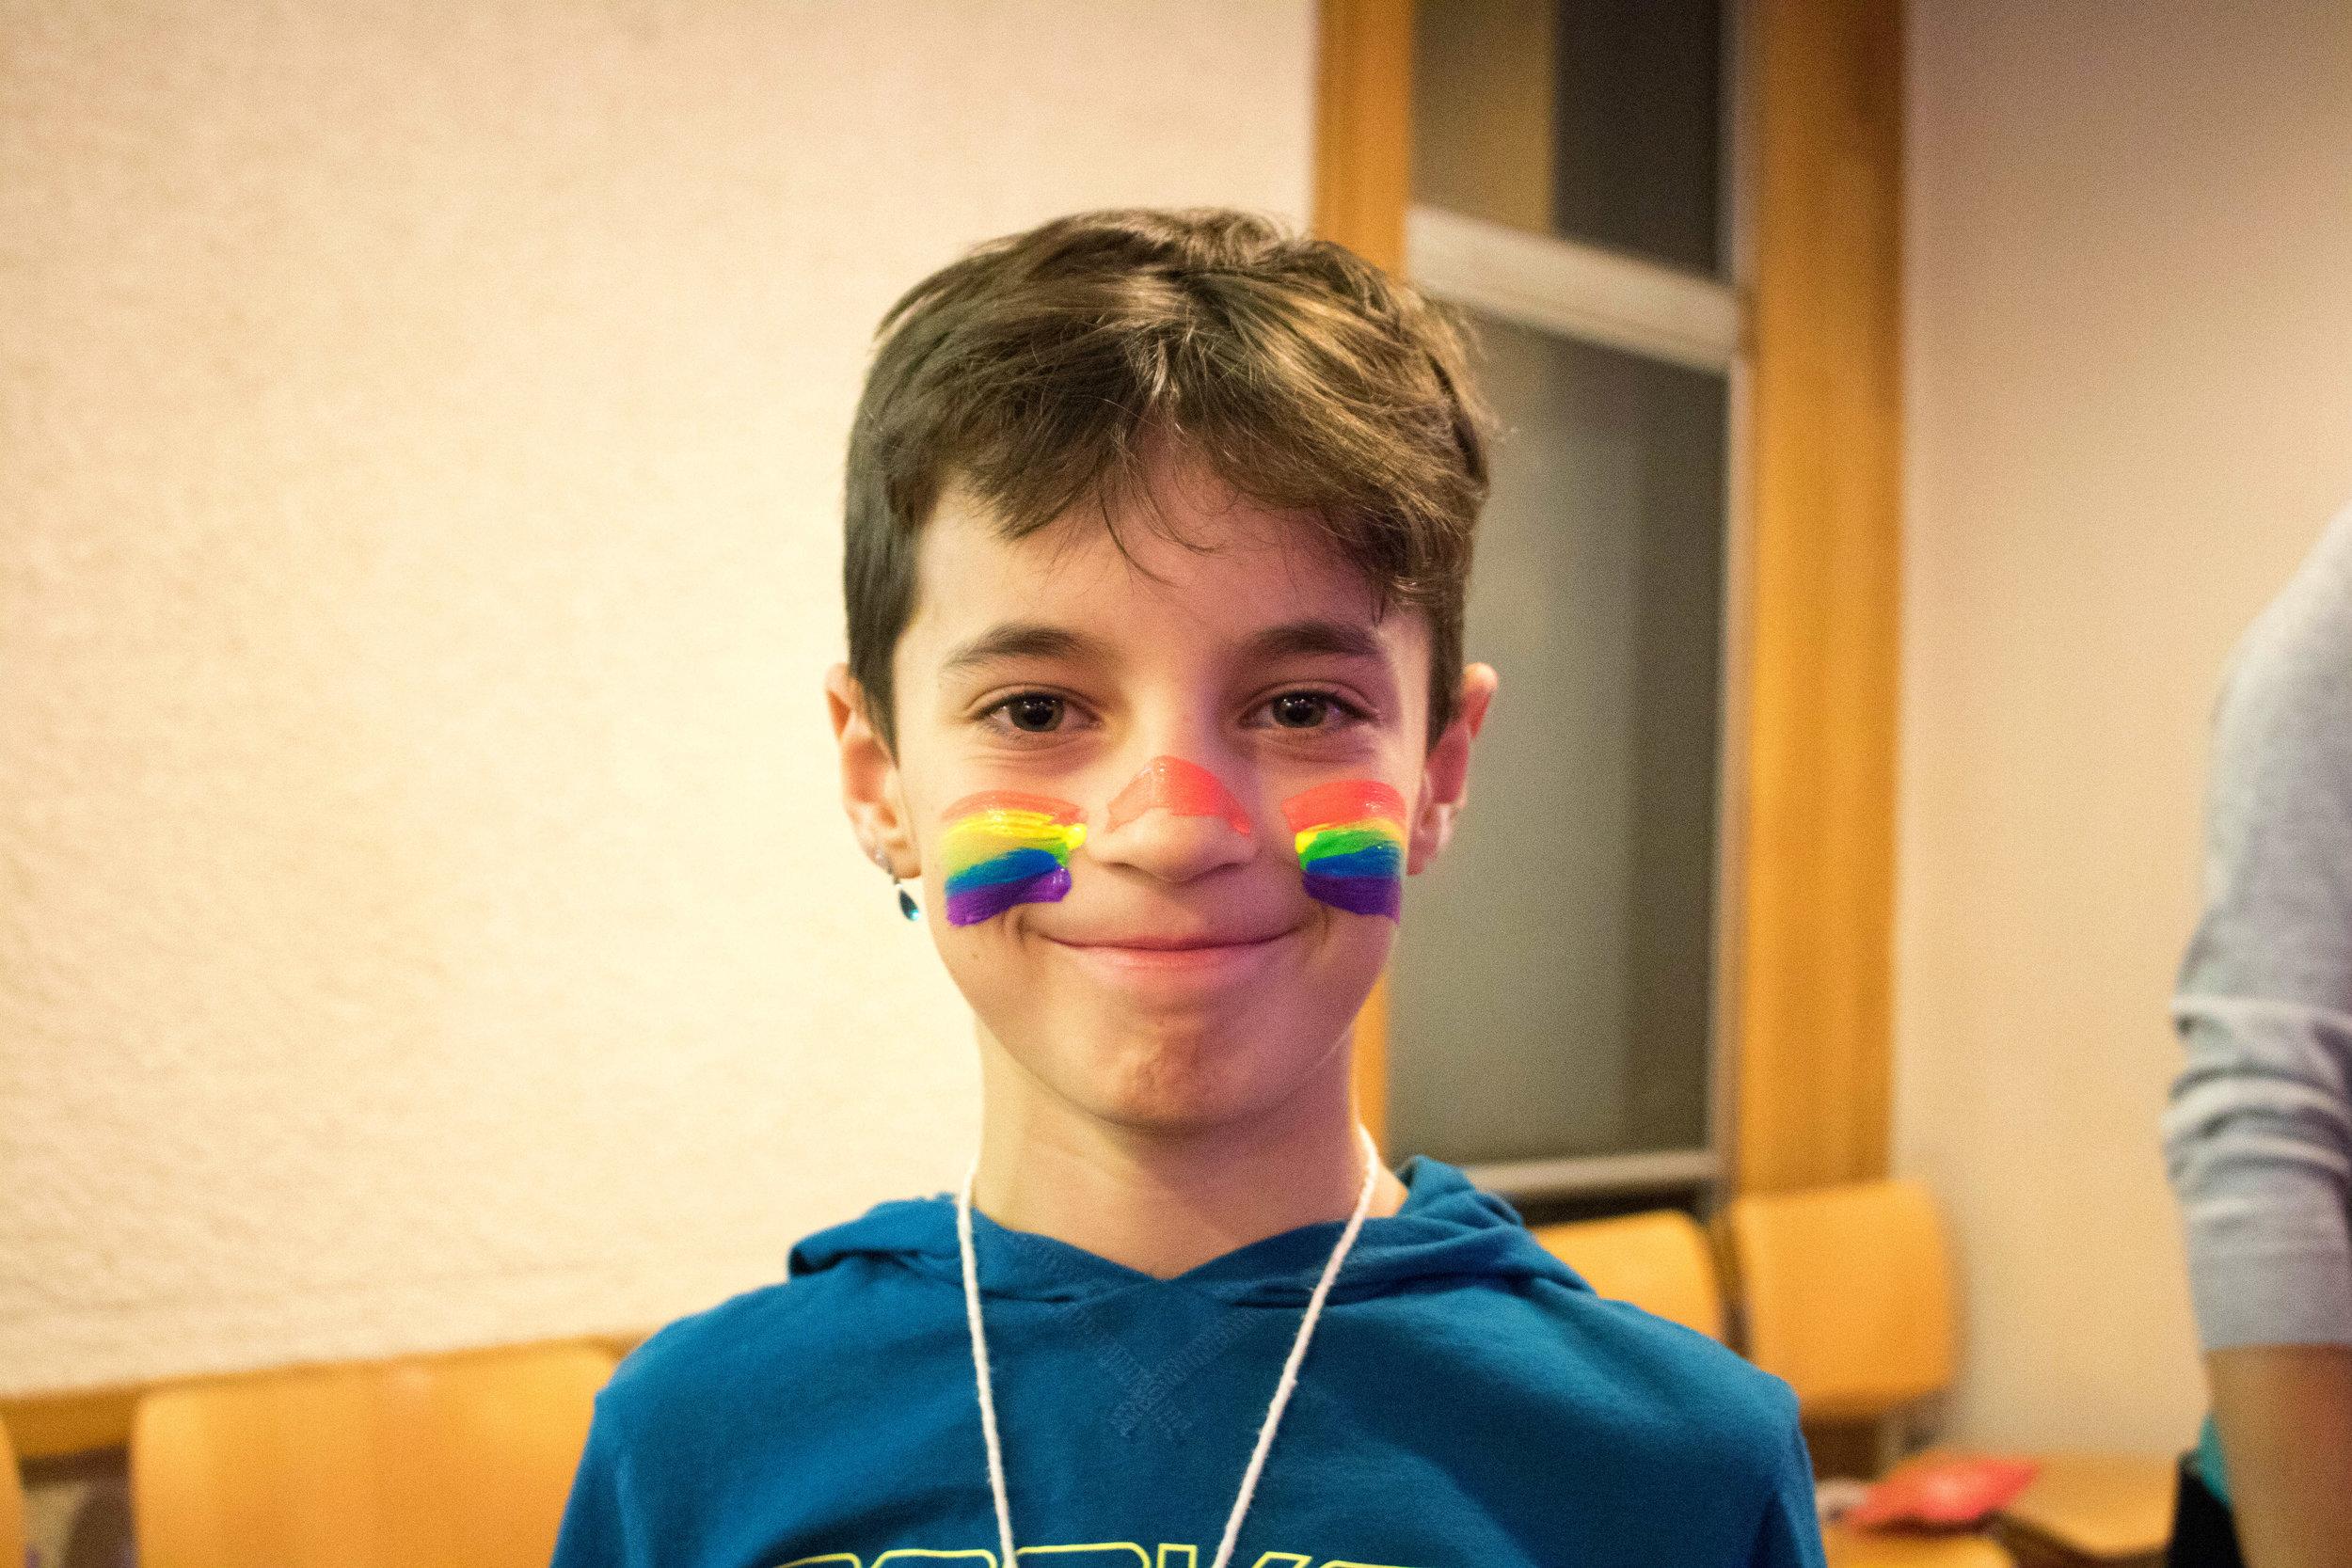 st-johns-harborne-children-smiling2-web.jpg